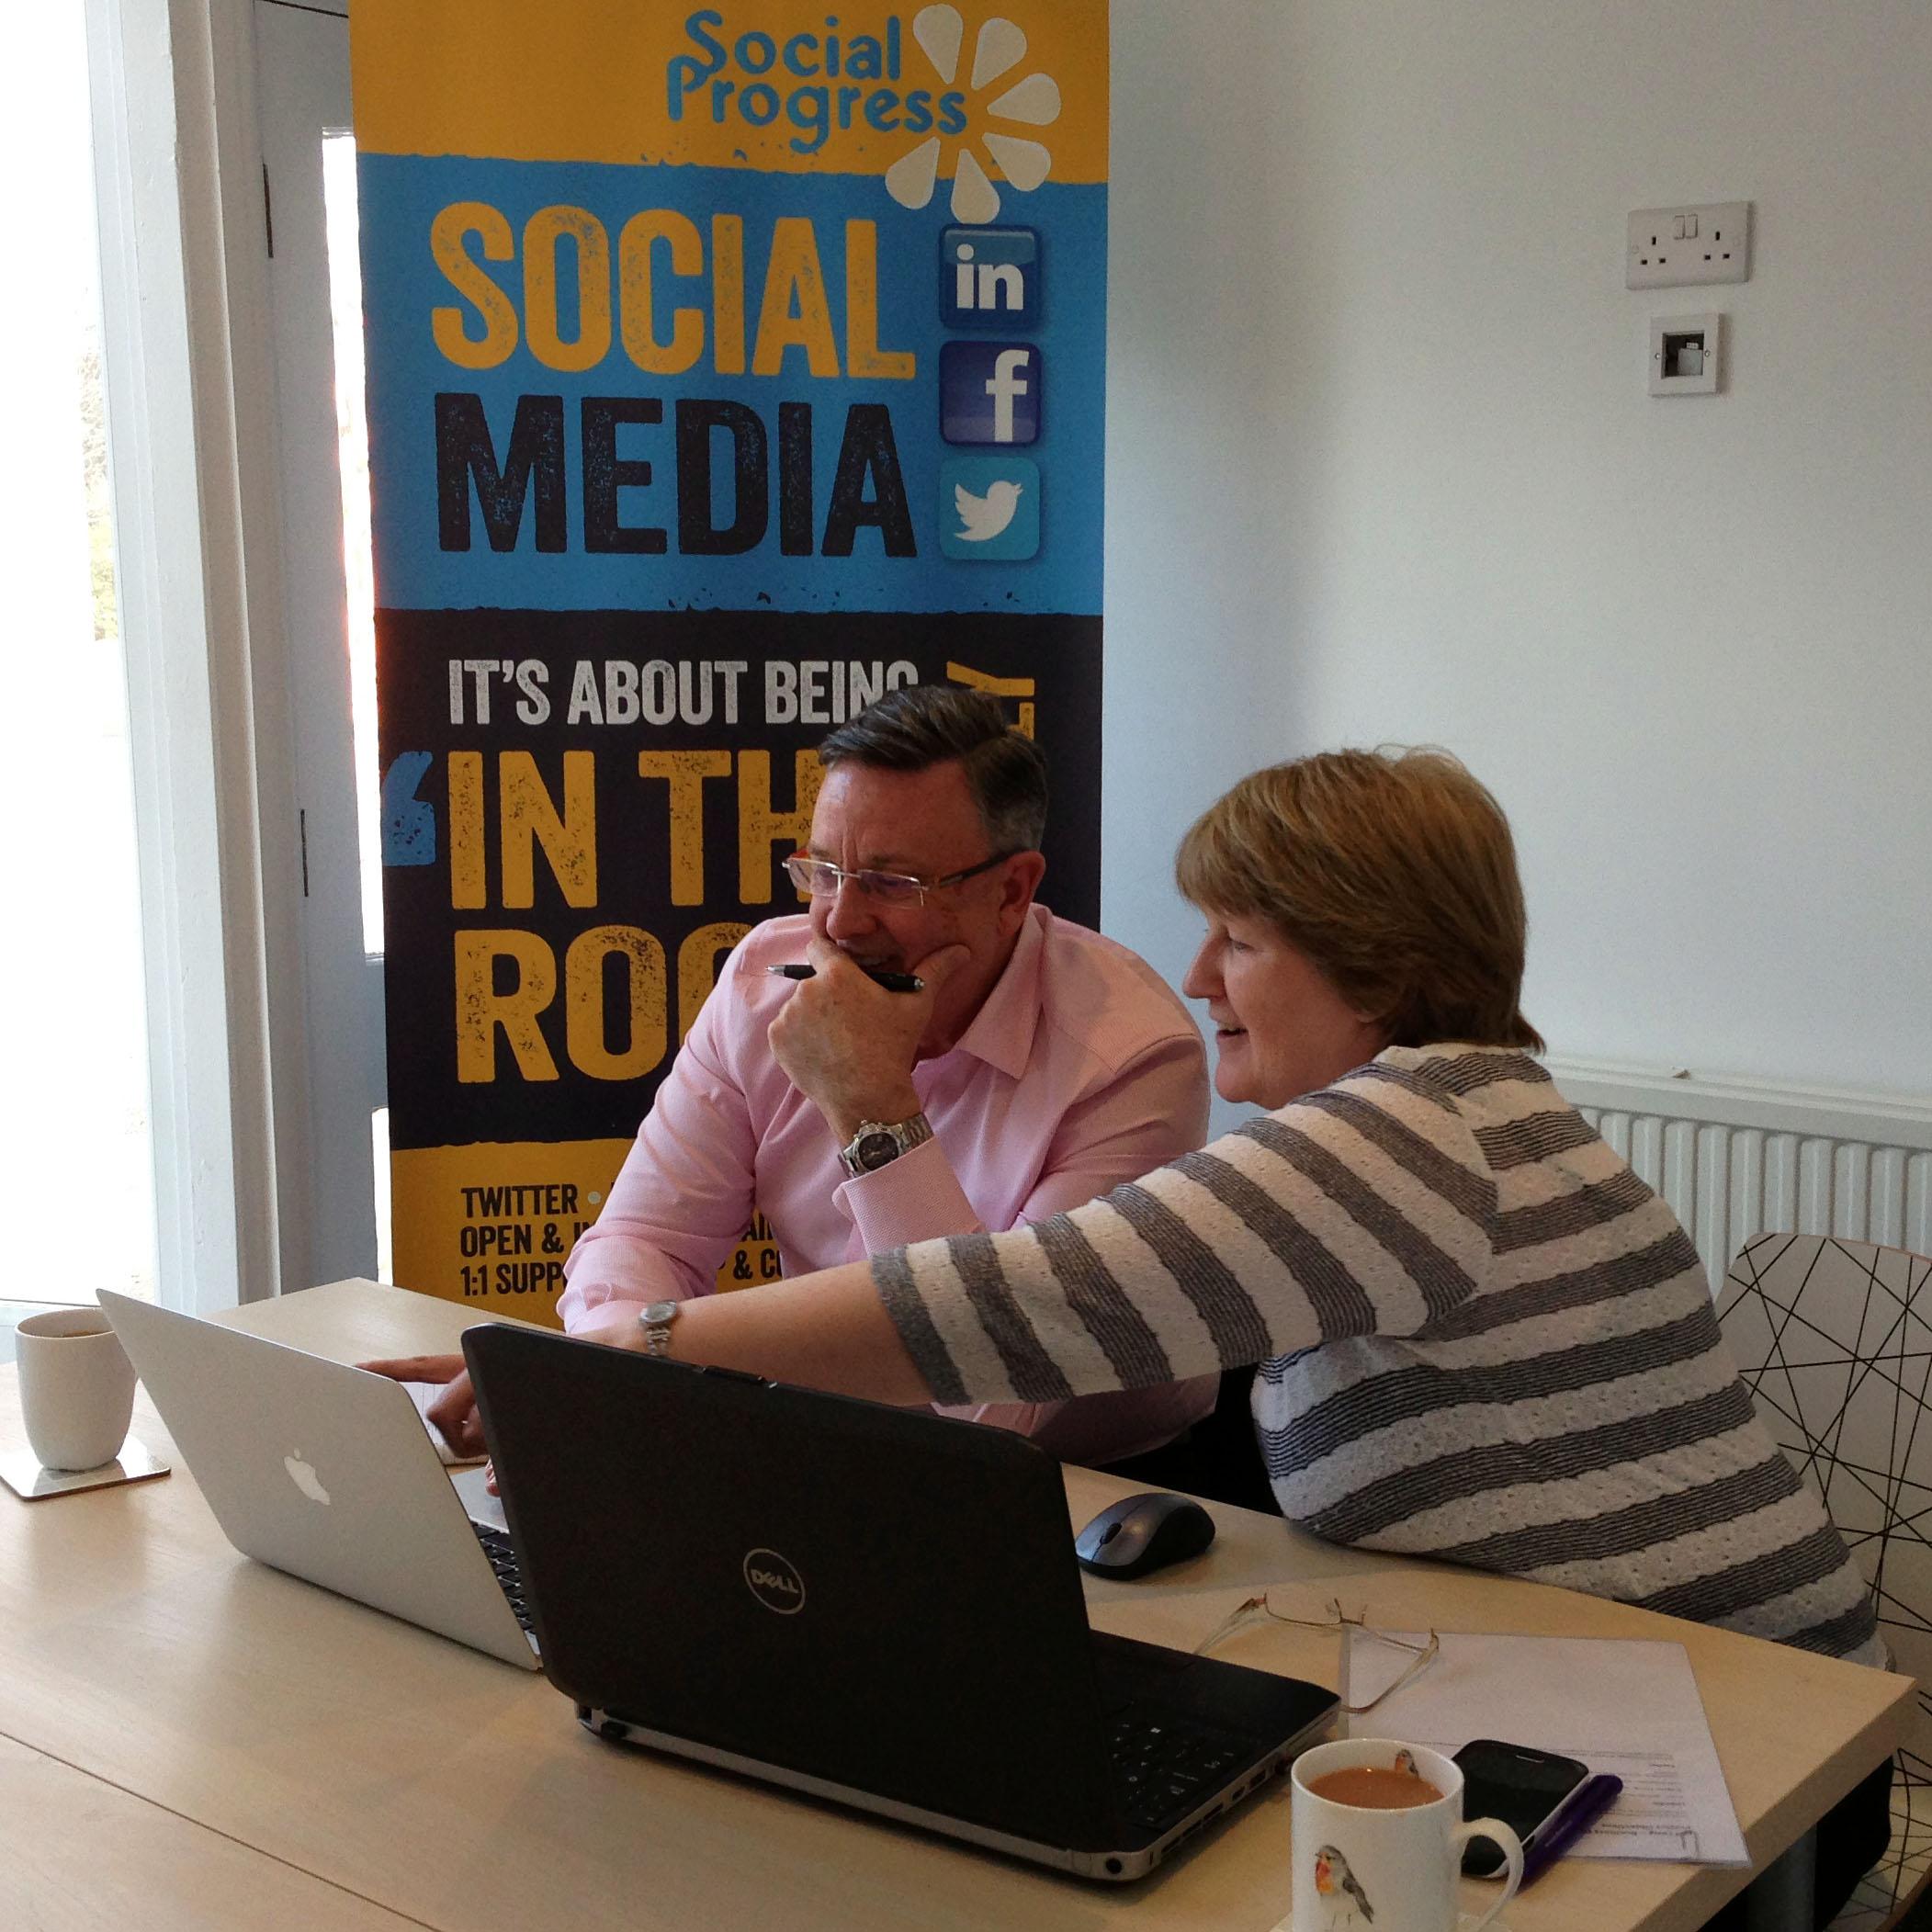 Social Progress - Social Media Training - Huddersfield